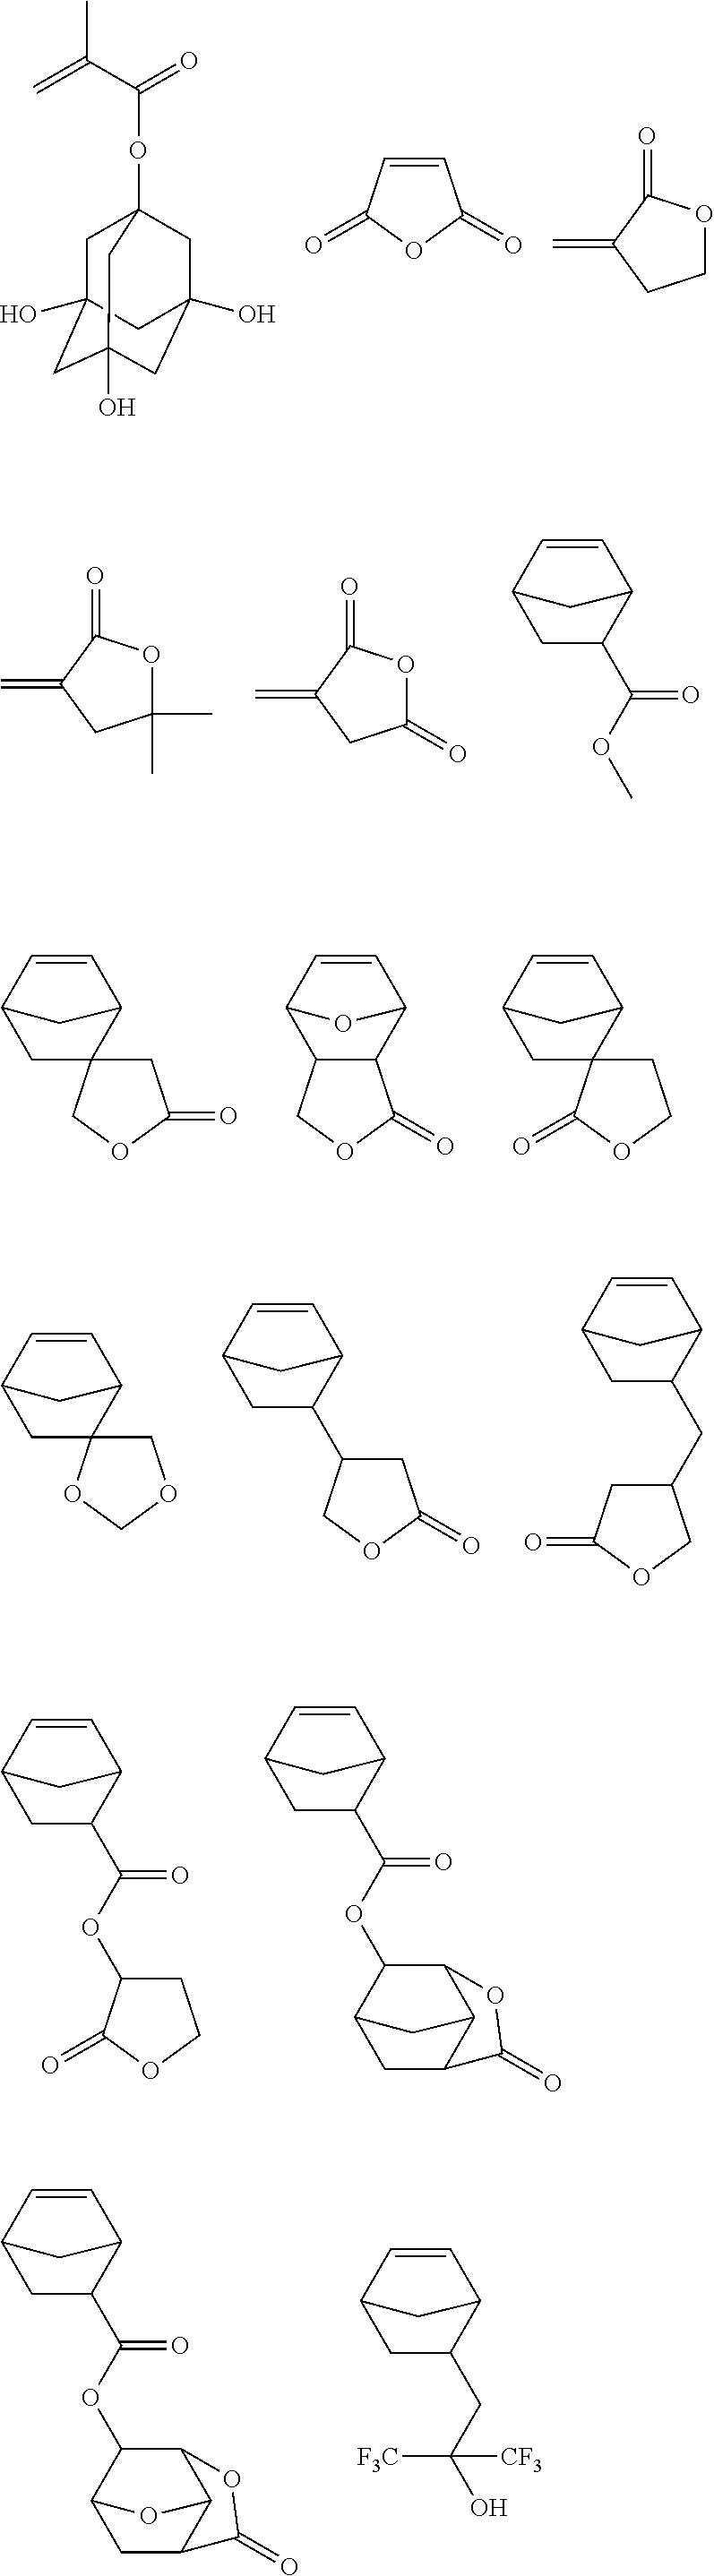 Figure US08822136-20140902-C00061